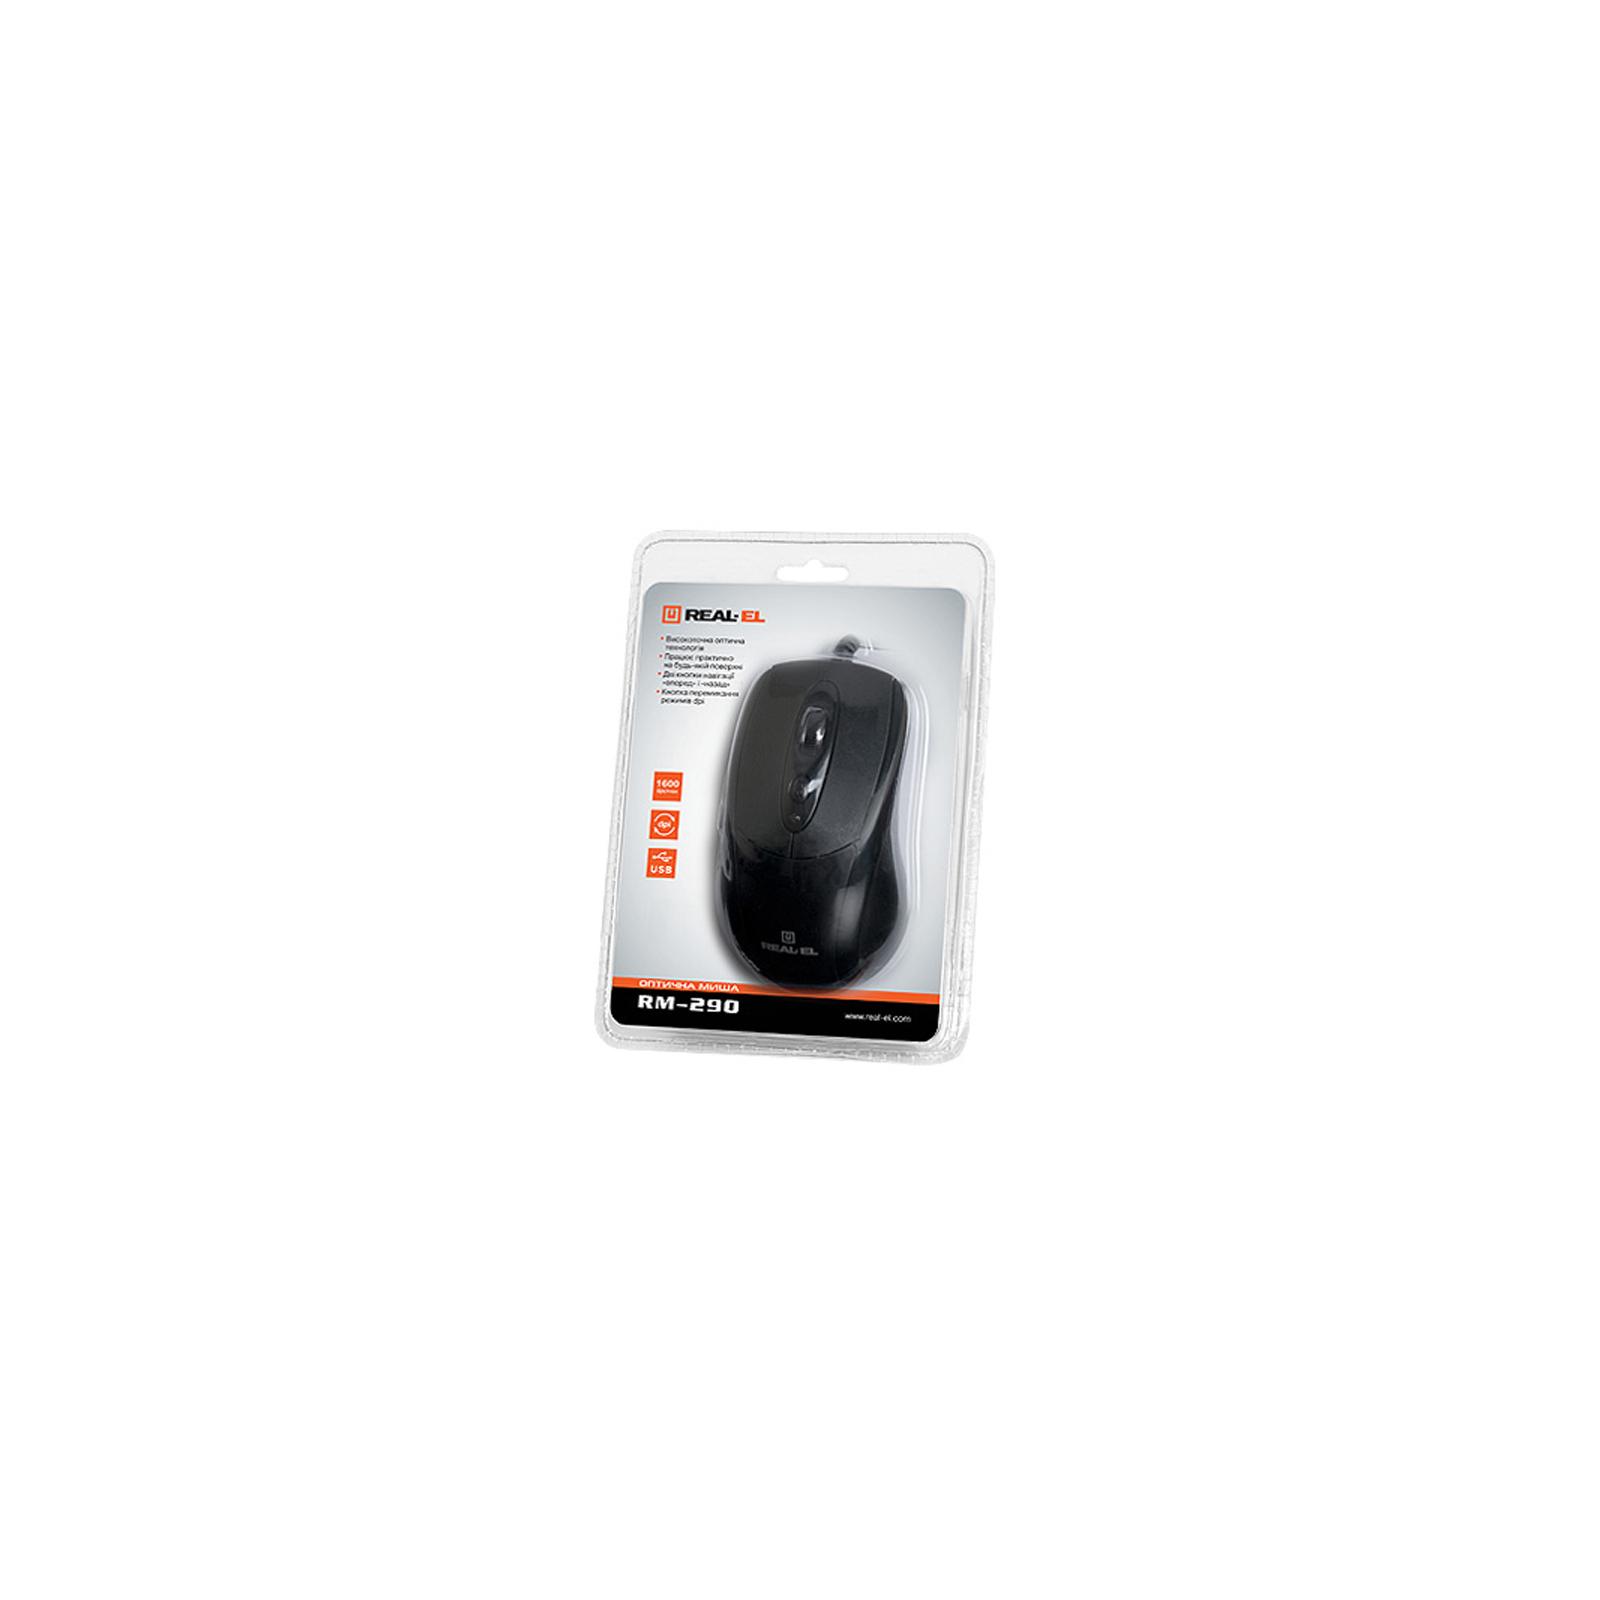 Мышка REAL-EL RM-290, USB, black изображение 4